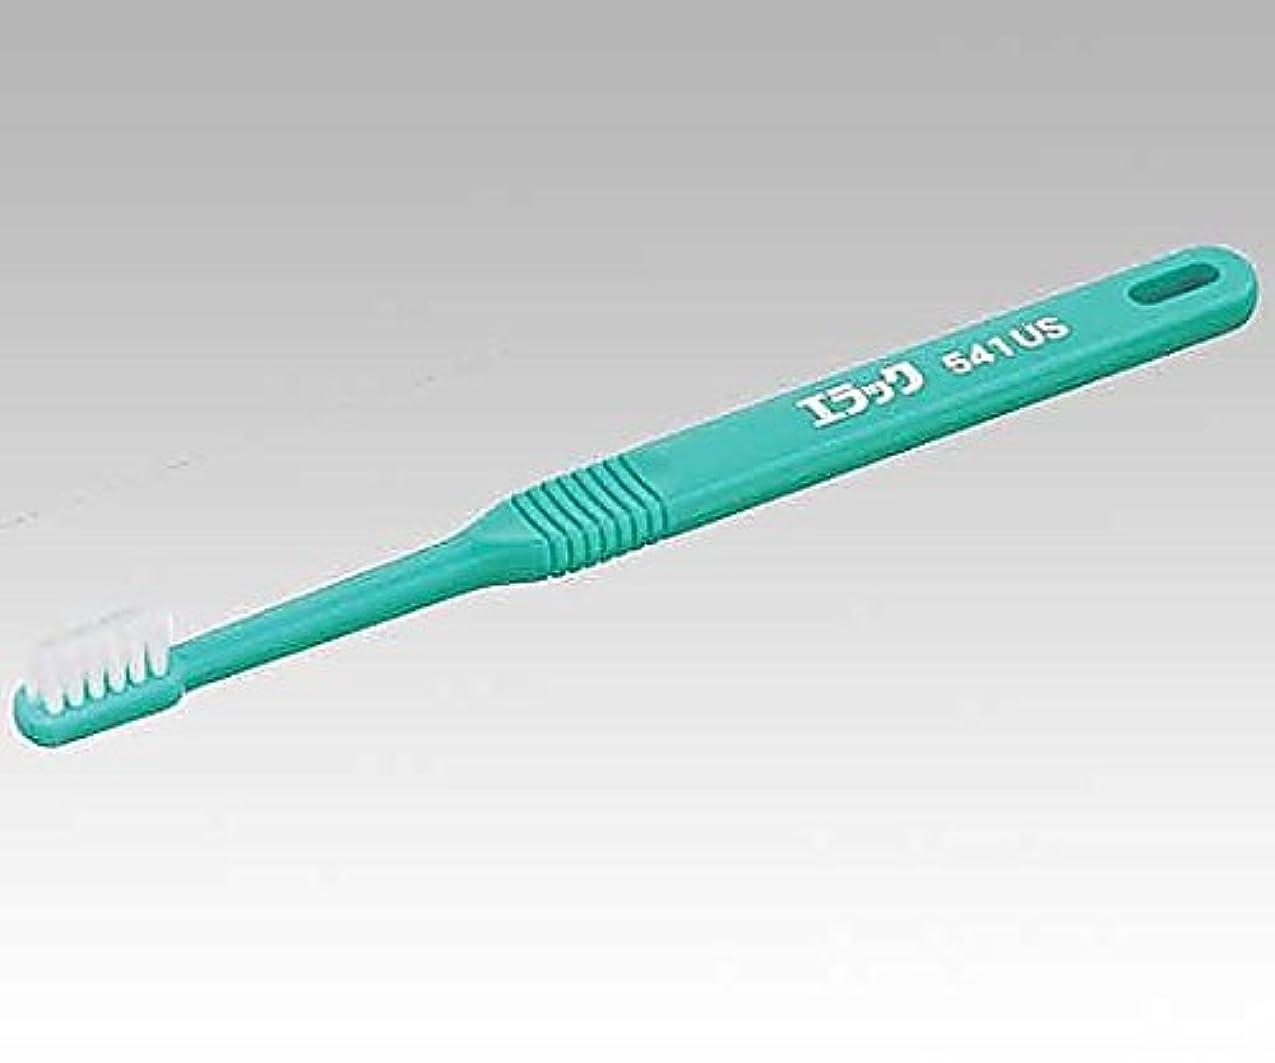 動揺させる酒栄光のライオン8-7892-11介助用歯ブラシ(ウルトラソフト/20箱入)